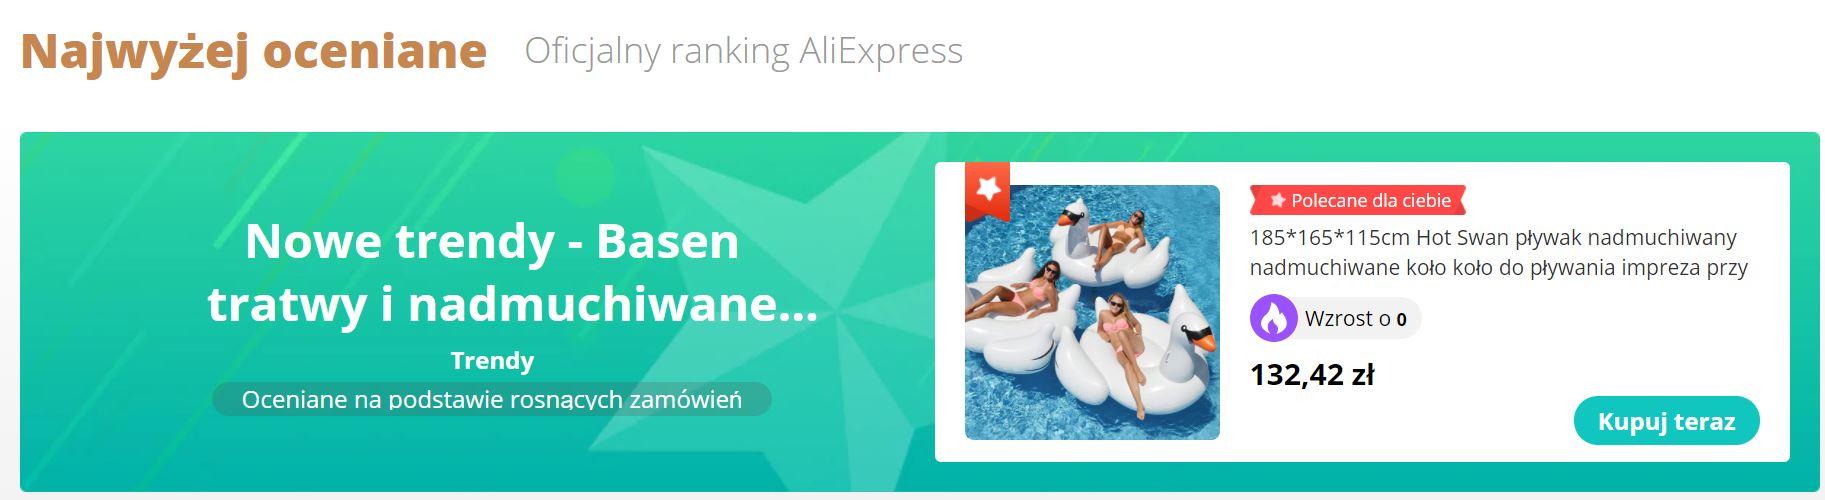 Odkrywaj trendy - nowa promocja Aliexpress - ranking zabawek basenowych z Aliexpress